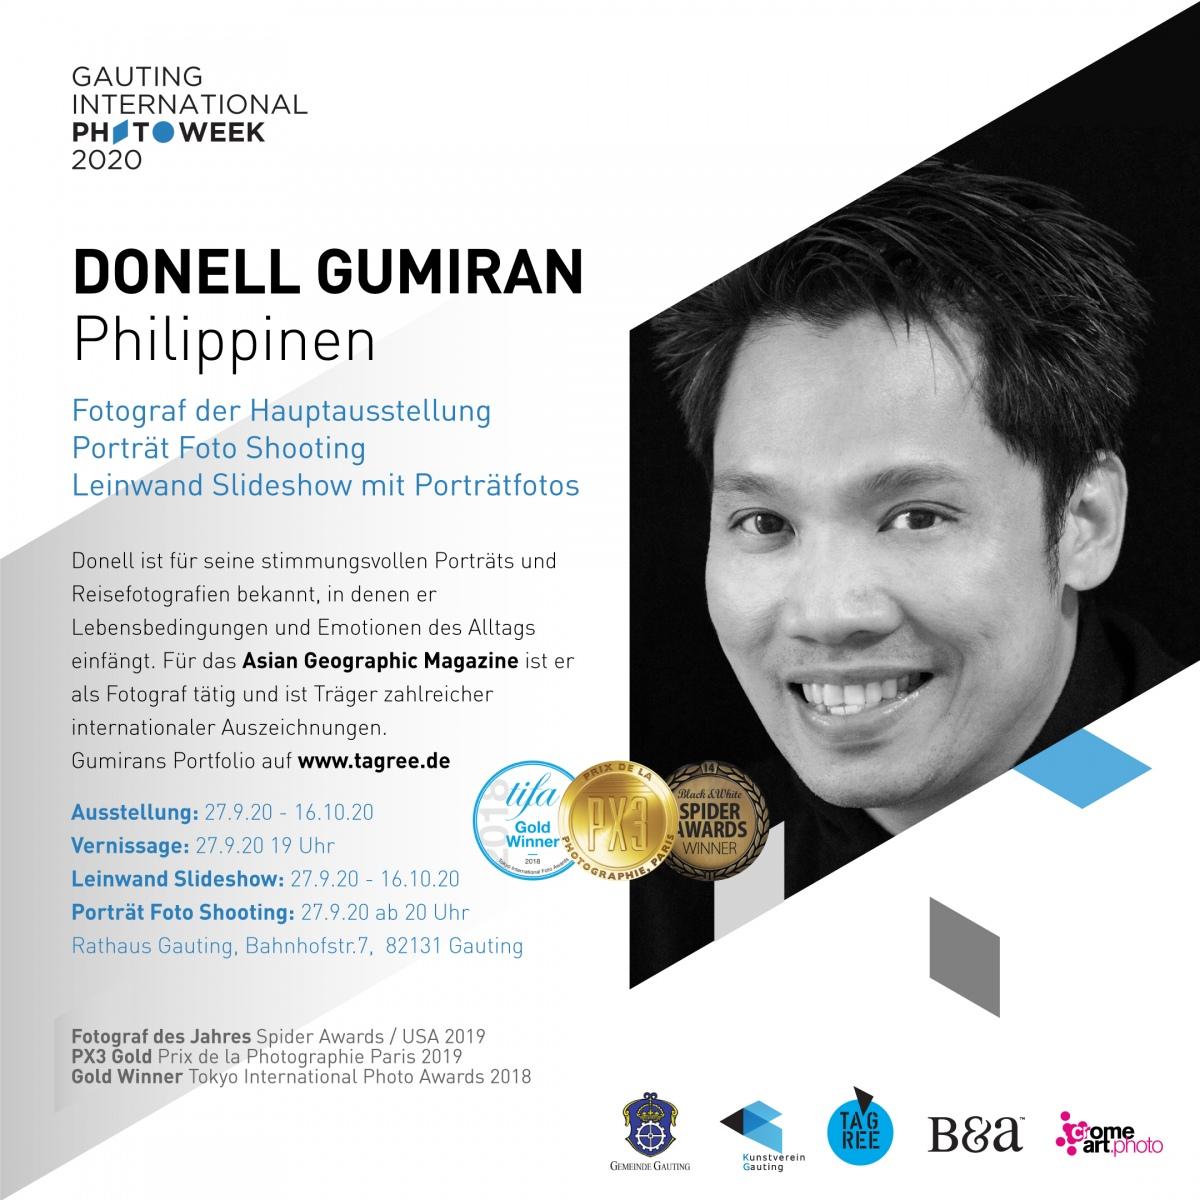 Donell Gumiran / Philippinen